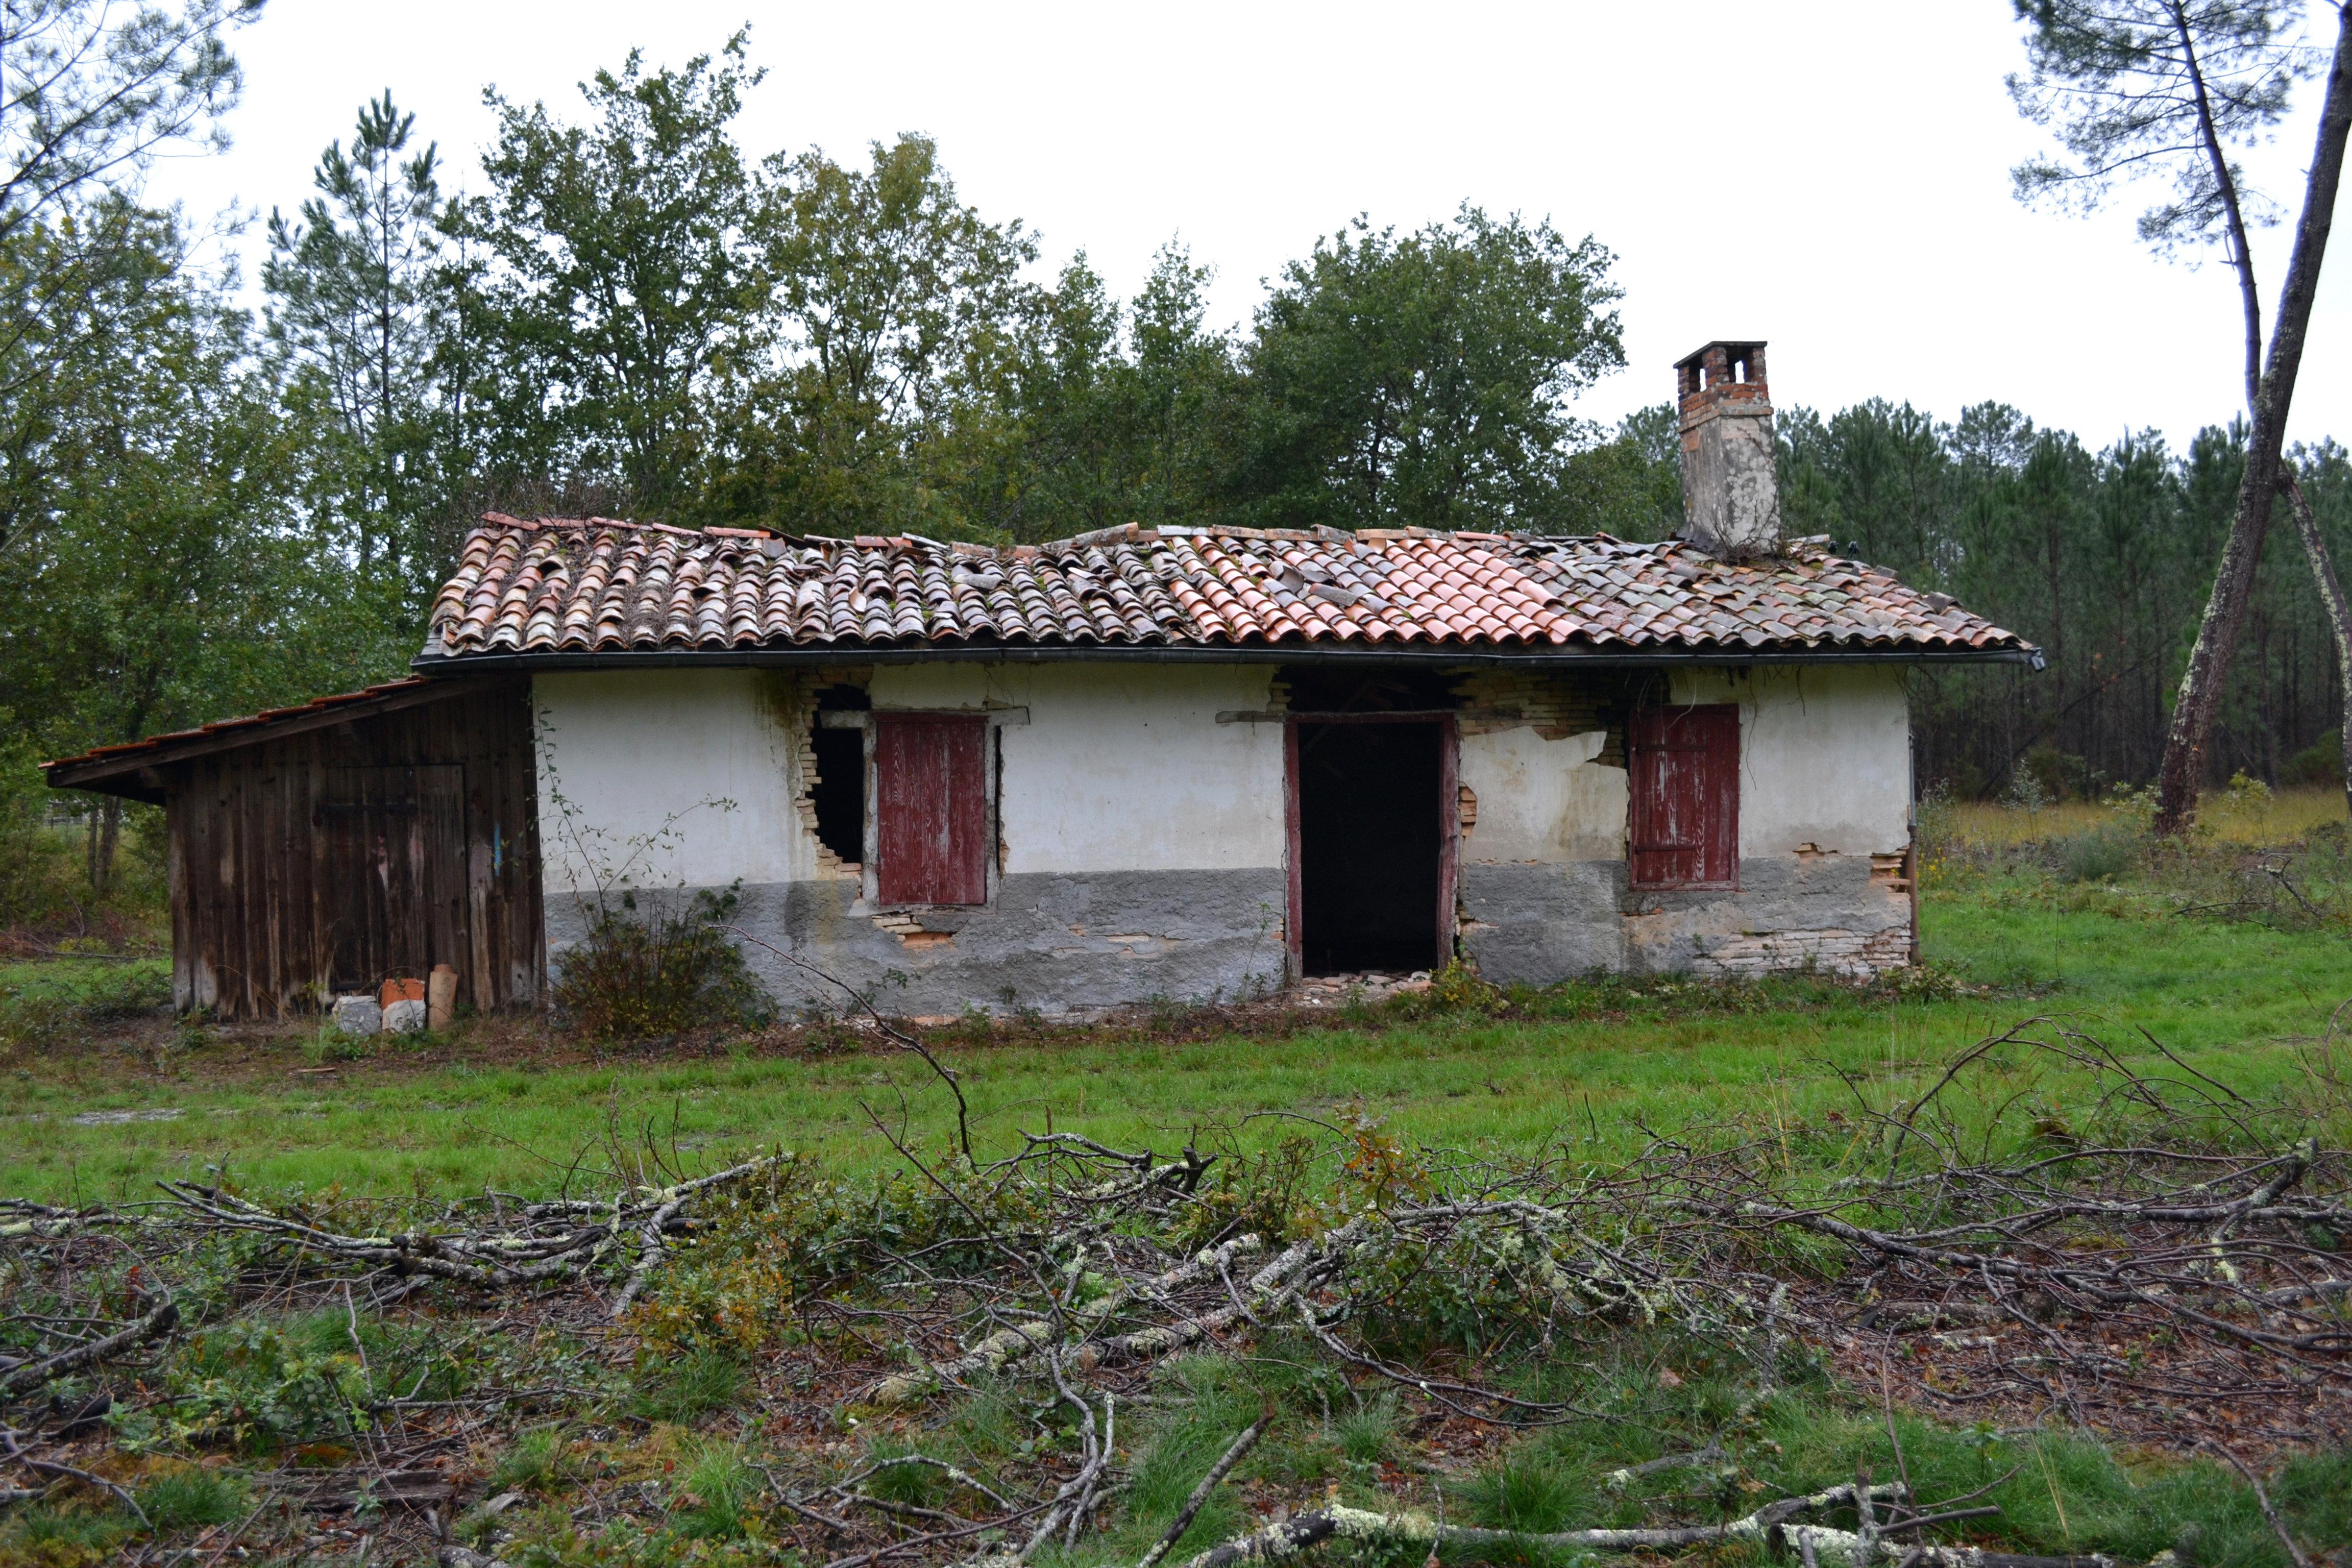 La maison dans les bois by aude la randonneuse on deviantart for Asticots dans la maison